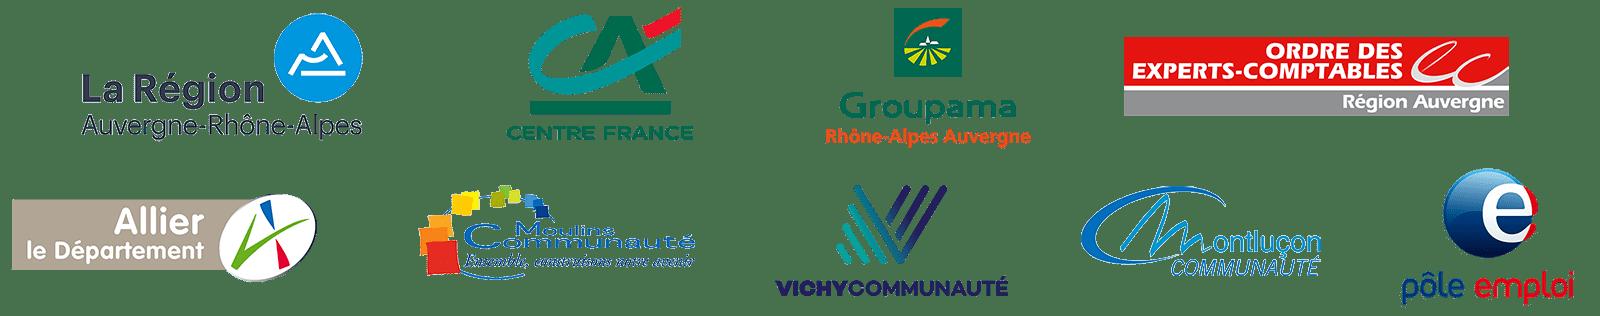 Salon de l'Entrepreneur et du Numérique 2019 - Partenaires